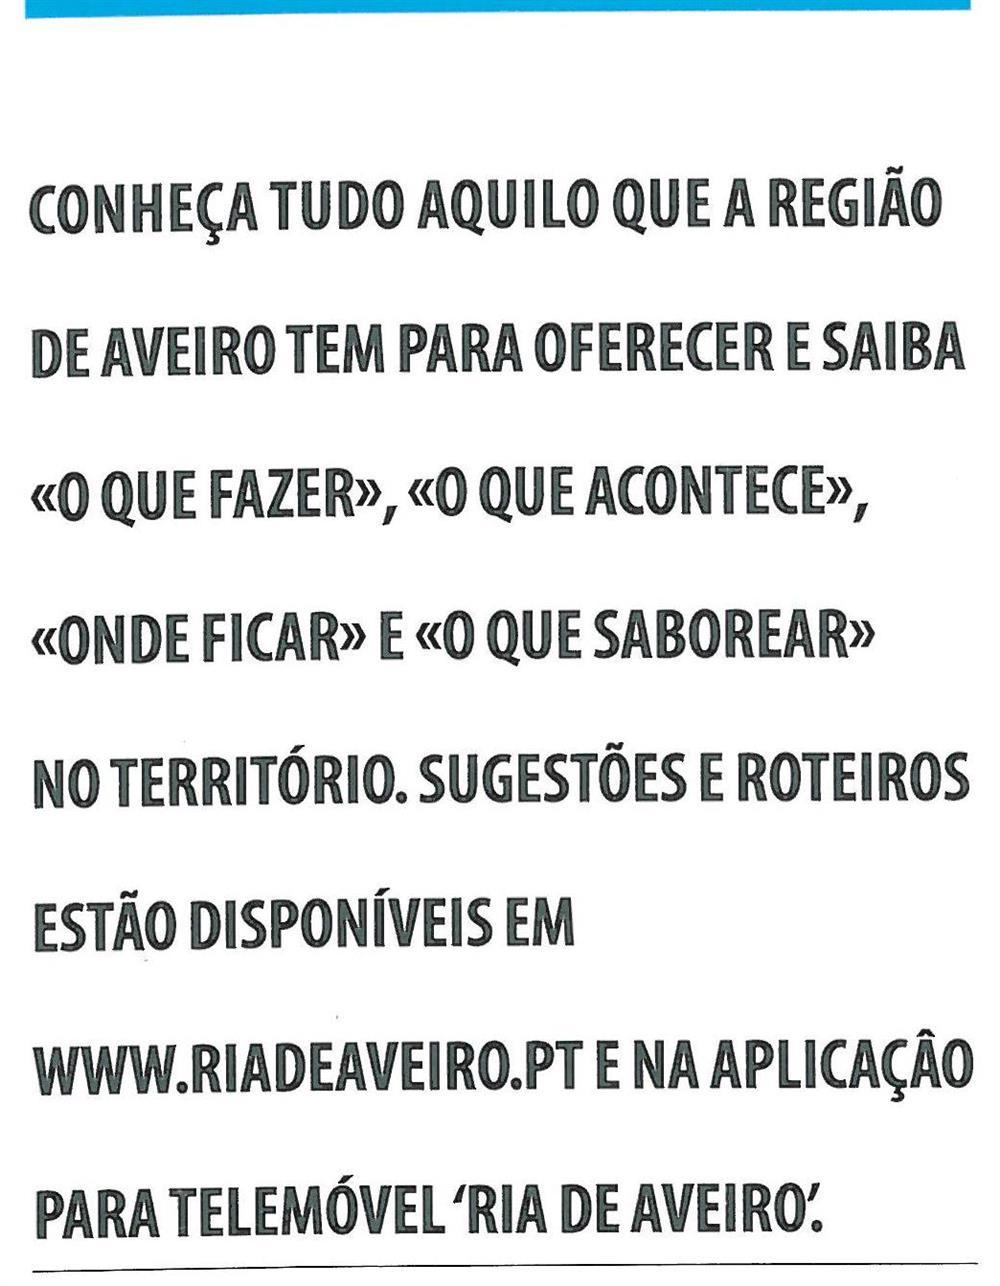 RA:Agenda-mar.'16-p.1-Conheça tudo aquilo que a Região de Aveiro tem para oferecer.jpg